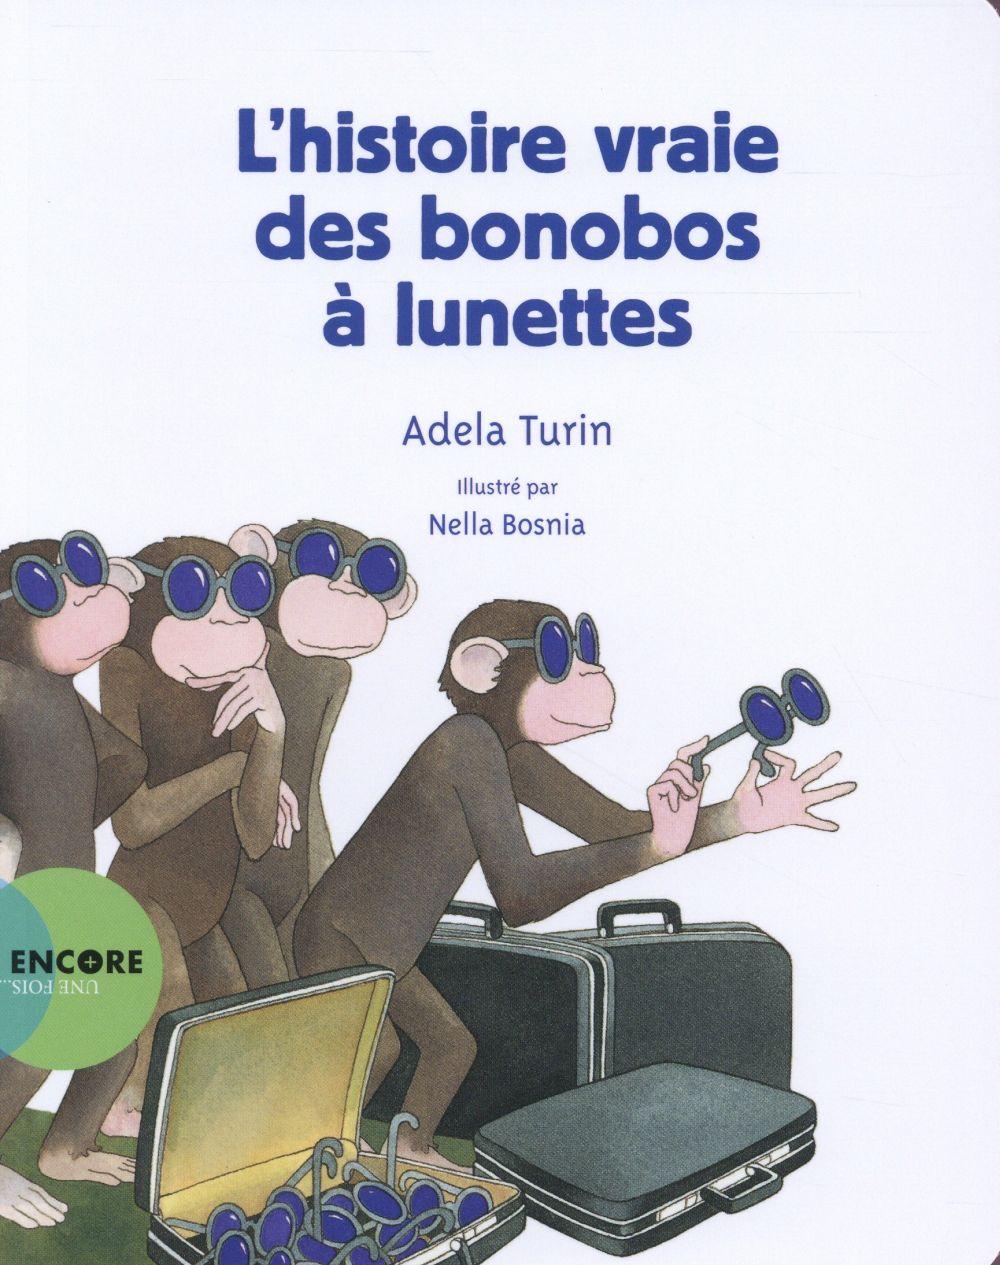 L'histoire vraie des bonobos à lunettes